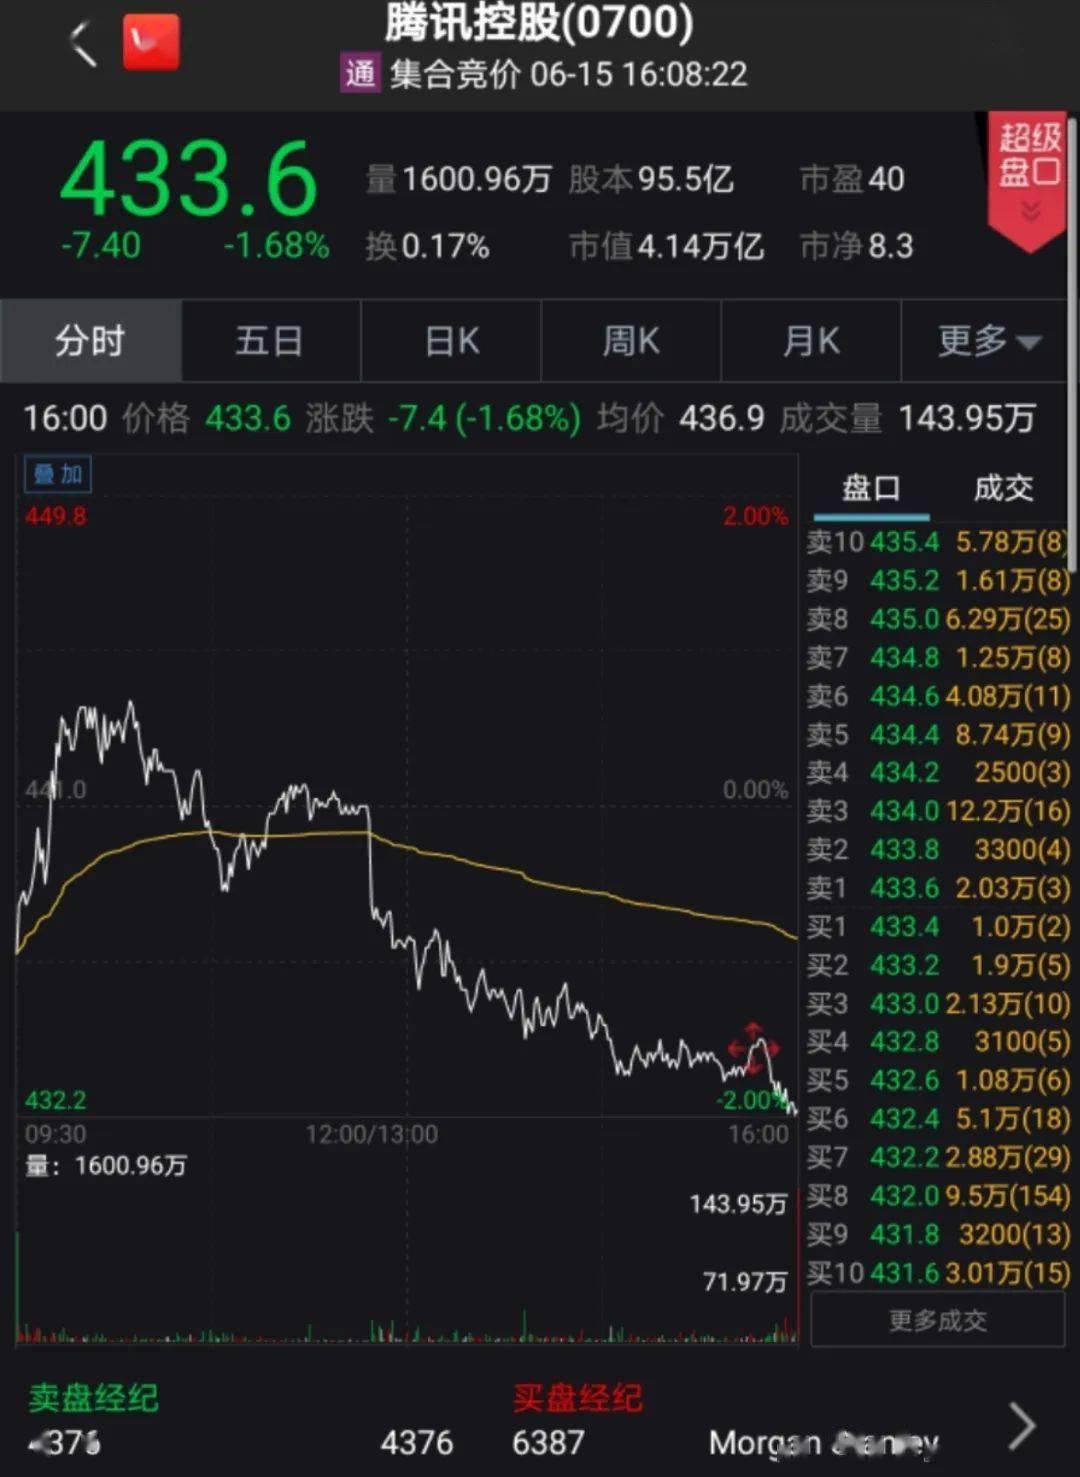 马化腾出手了!高点再度减持腾讯股票,4日狂套现近40亿!什么信号?